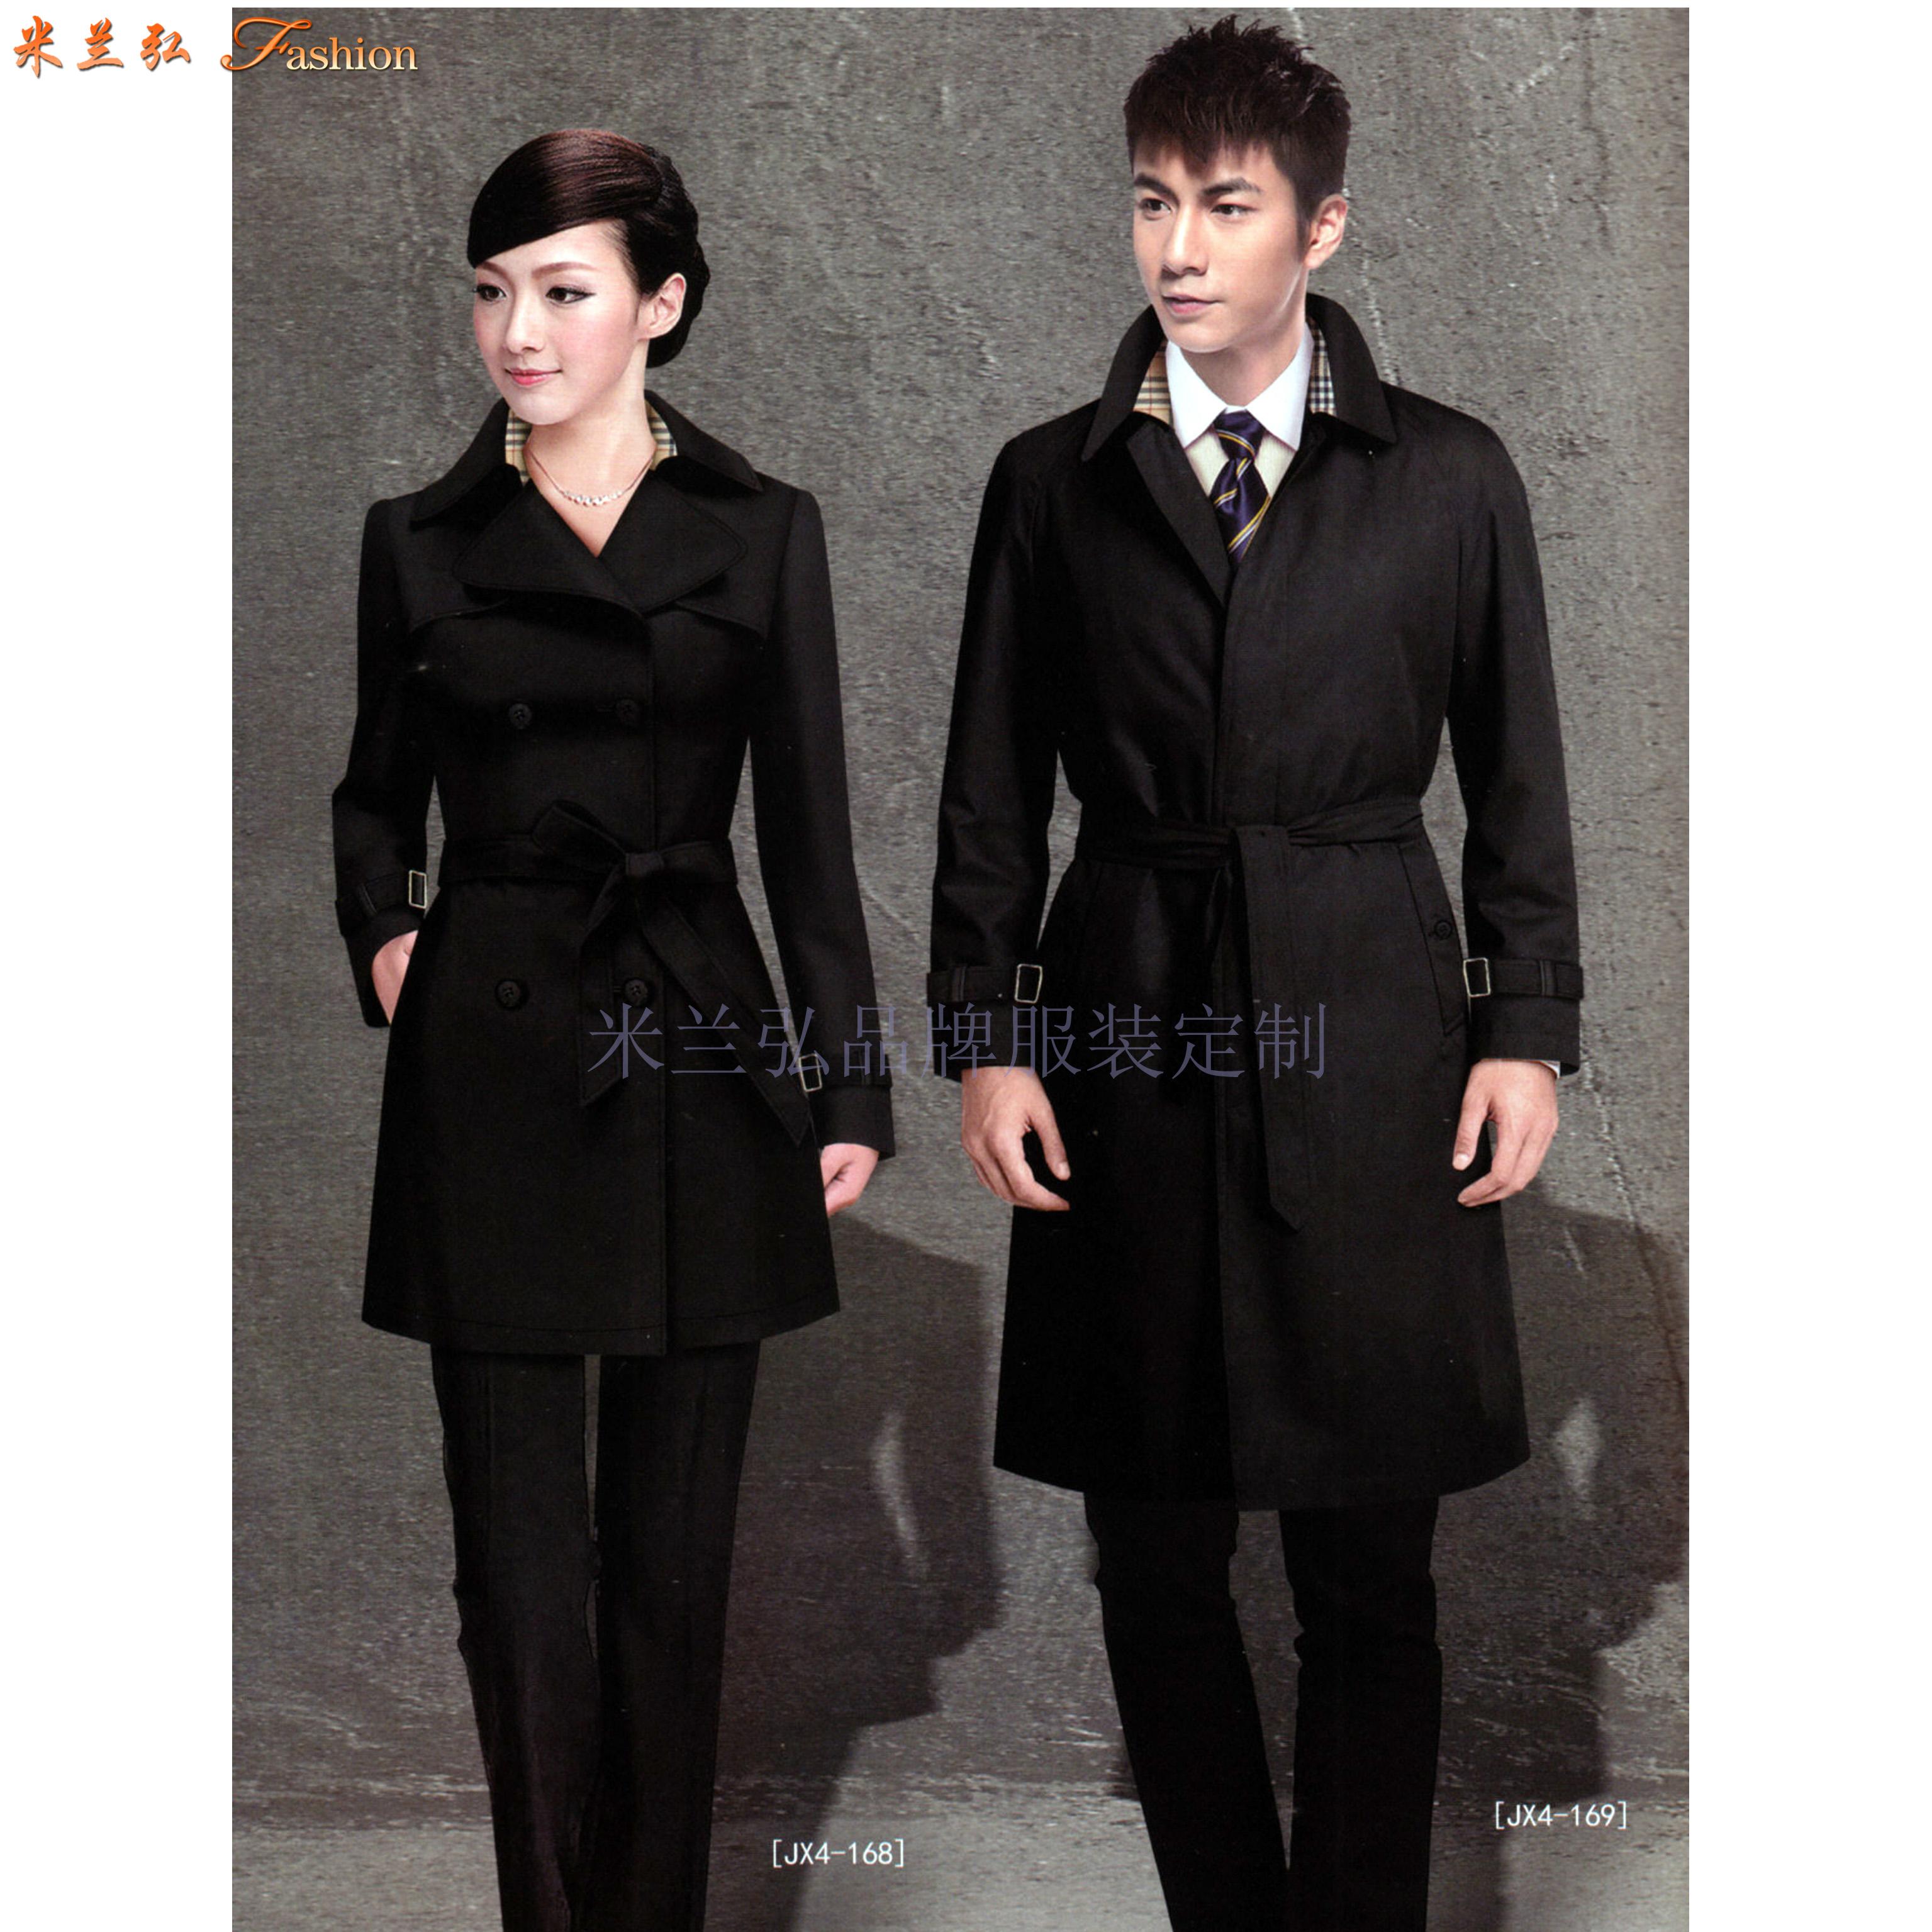 「北京毛呢男女大衣定制」哪家好,怎么樣定做-TOP米蘭弘大衣-4